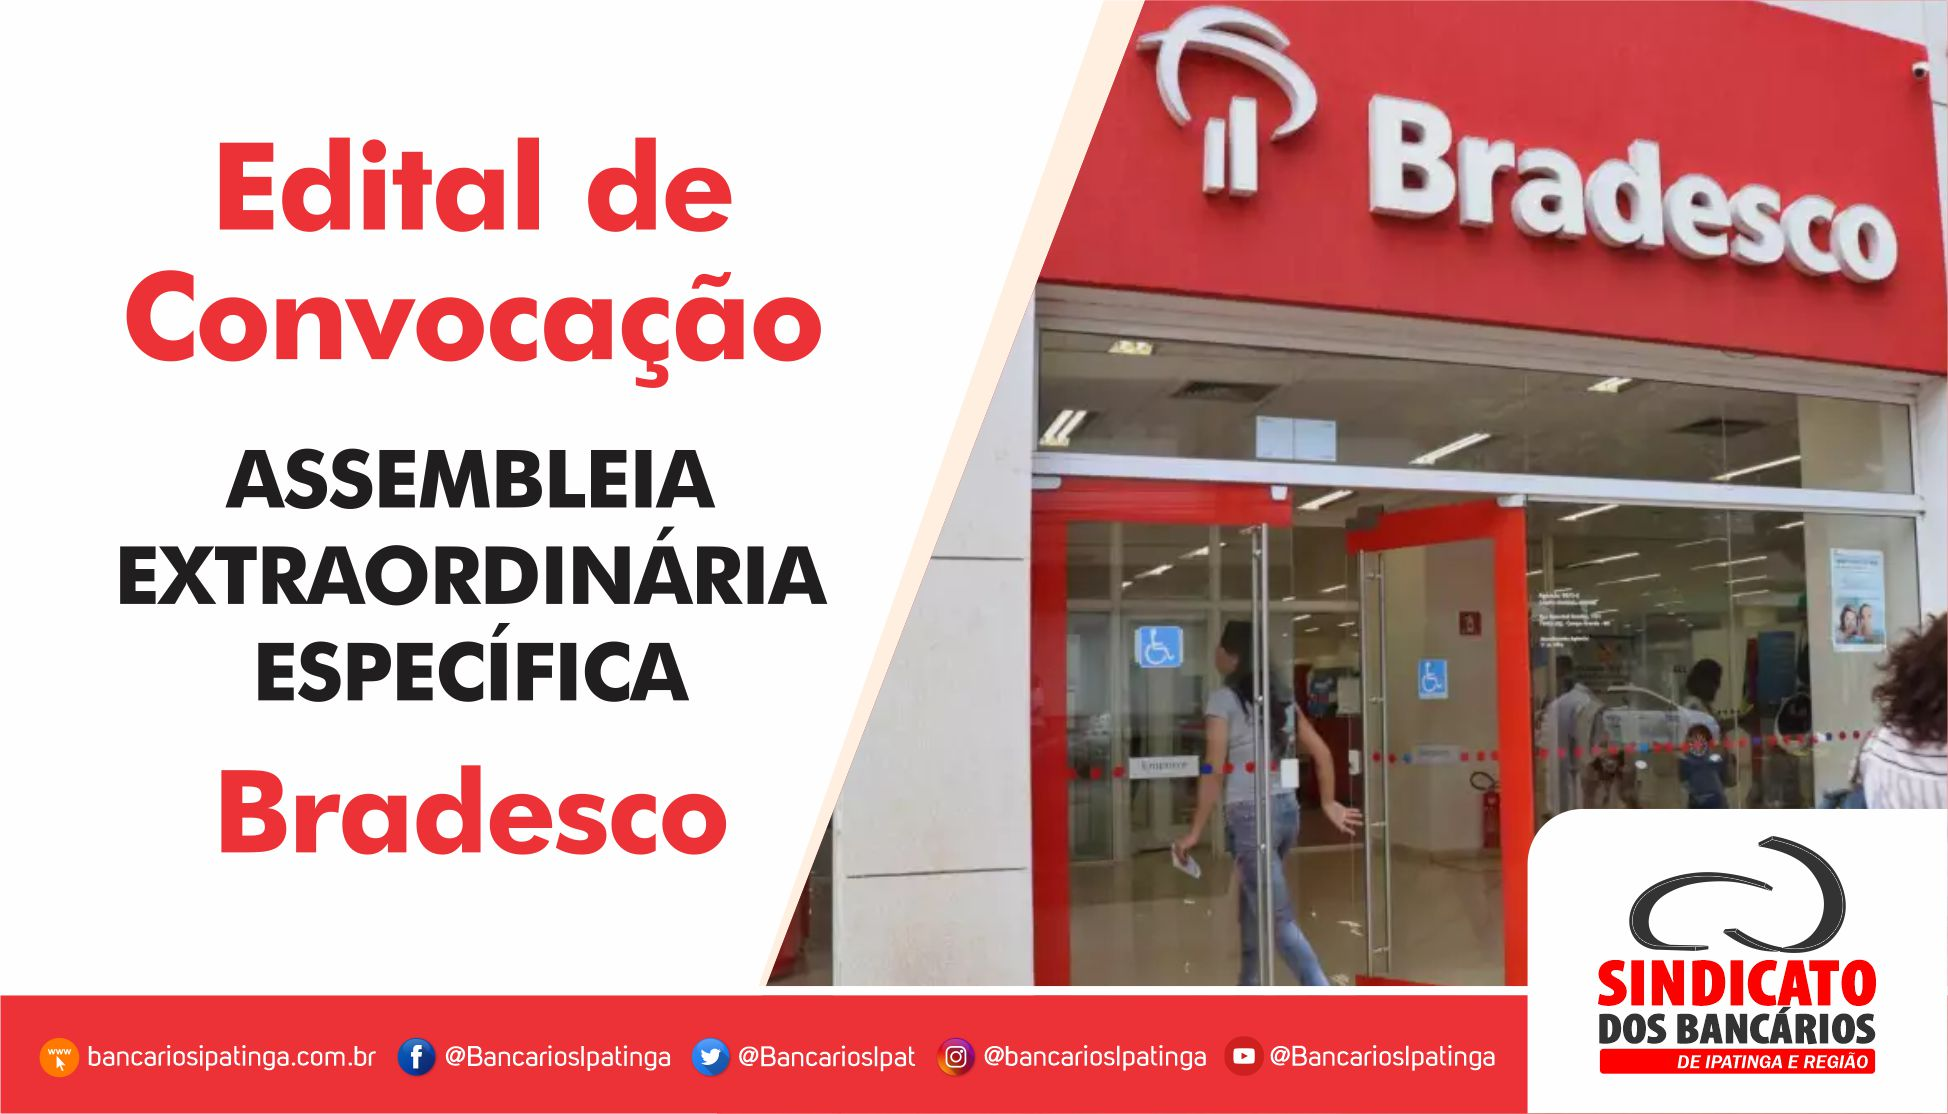 Imagem:Bancários do Bradesco participam de Assembleia Extraordinária Específica